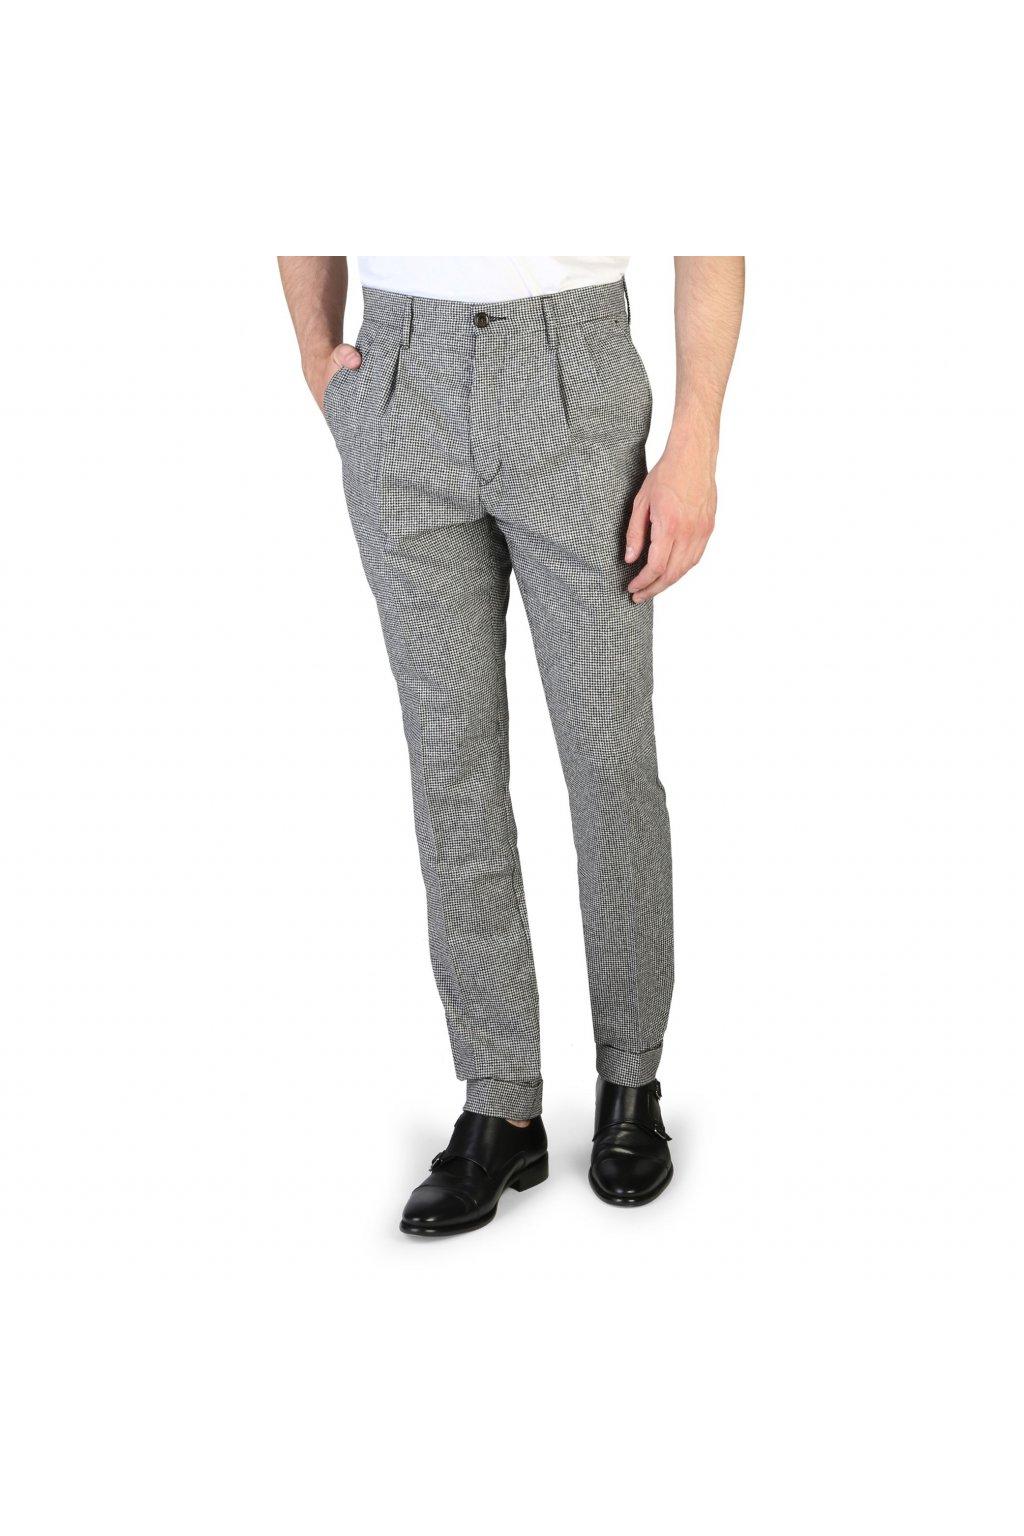 Pánské kalhoty Tommy Hilfiger MW0MW08474